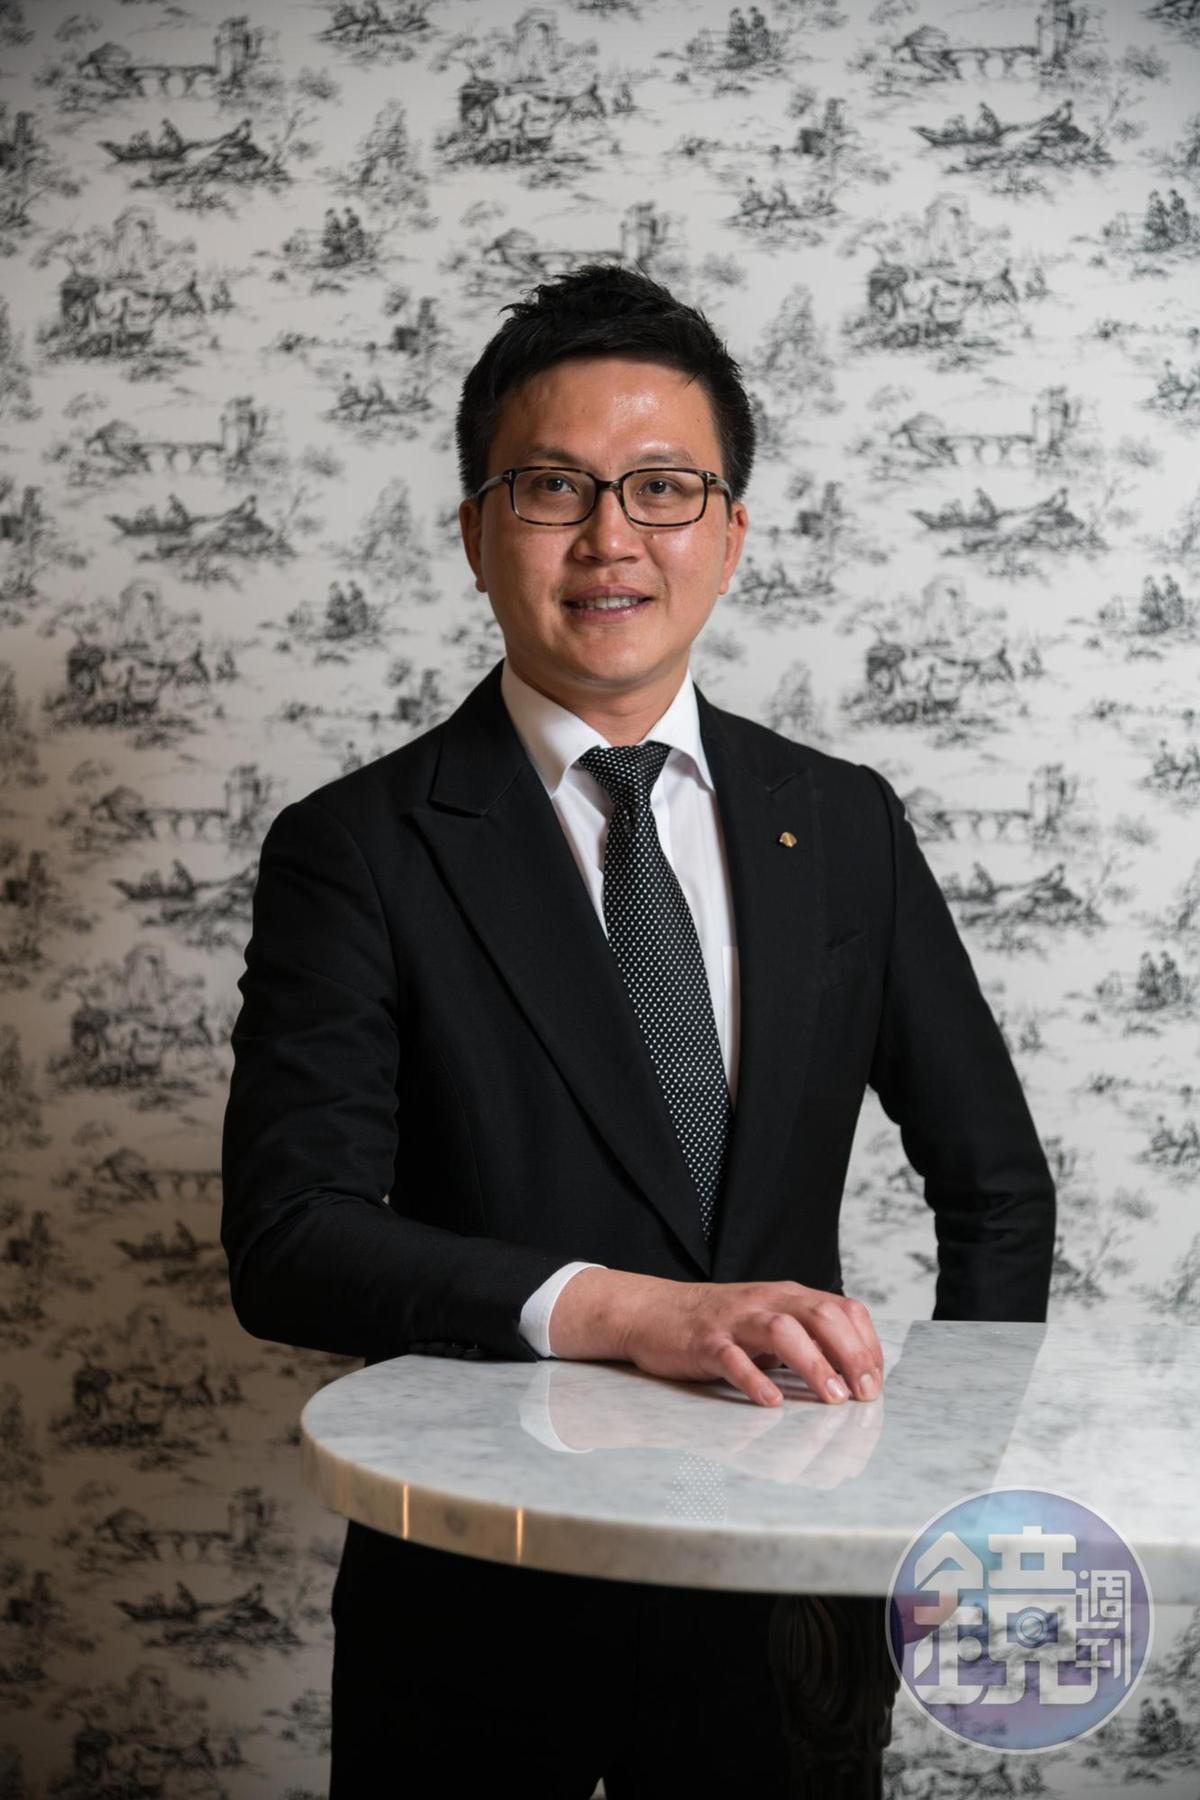 台北文華東方酒店侍酒師葉昌勳(Sean),是台灣少數能進軍世界最佳侍酒師大賽的侍酒師高手。